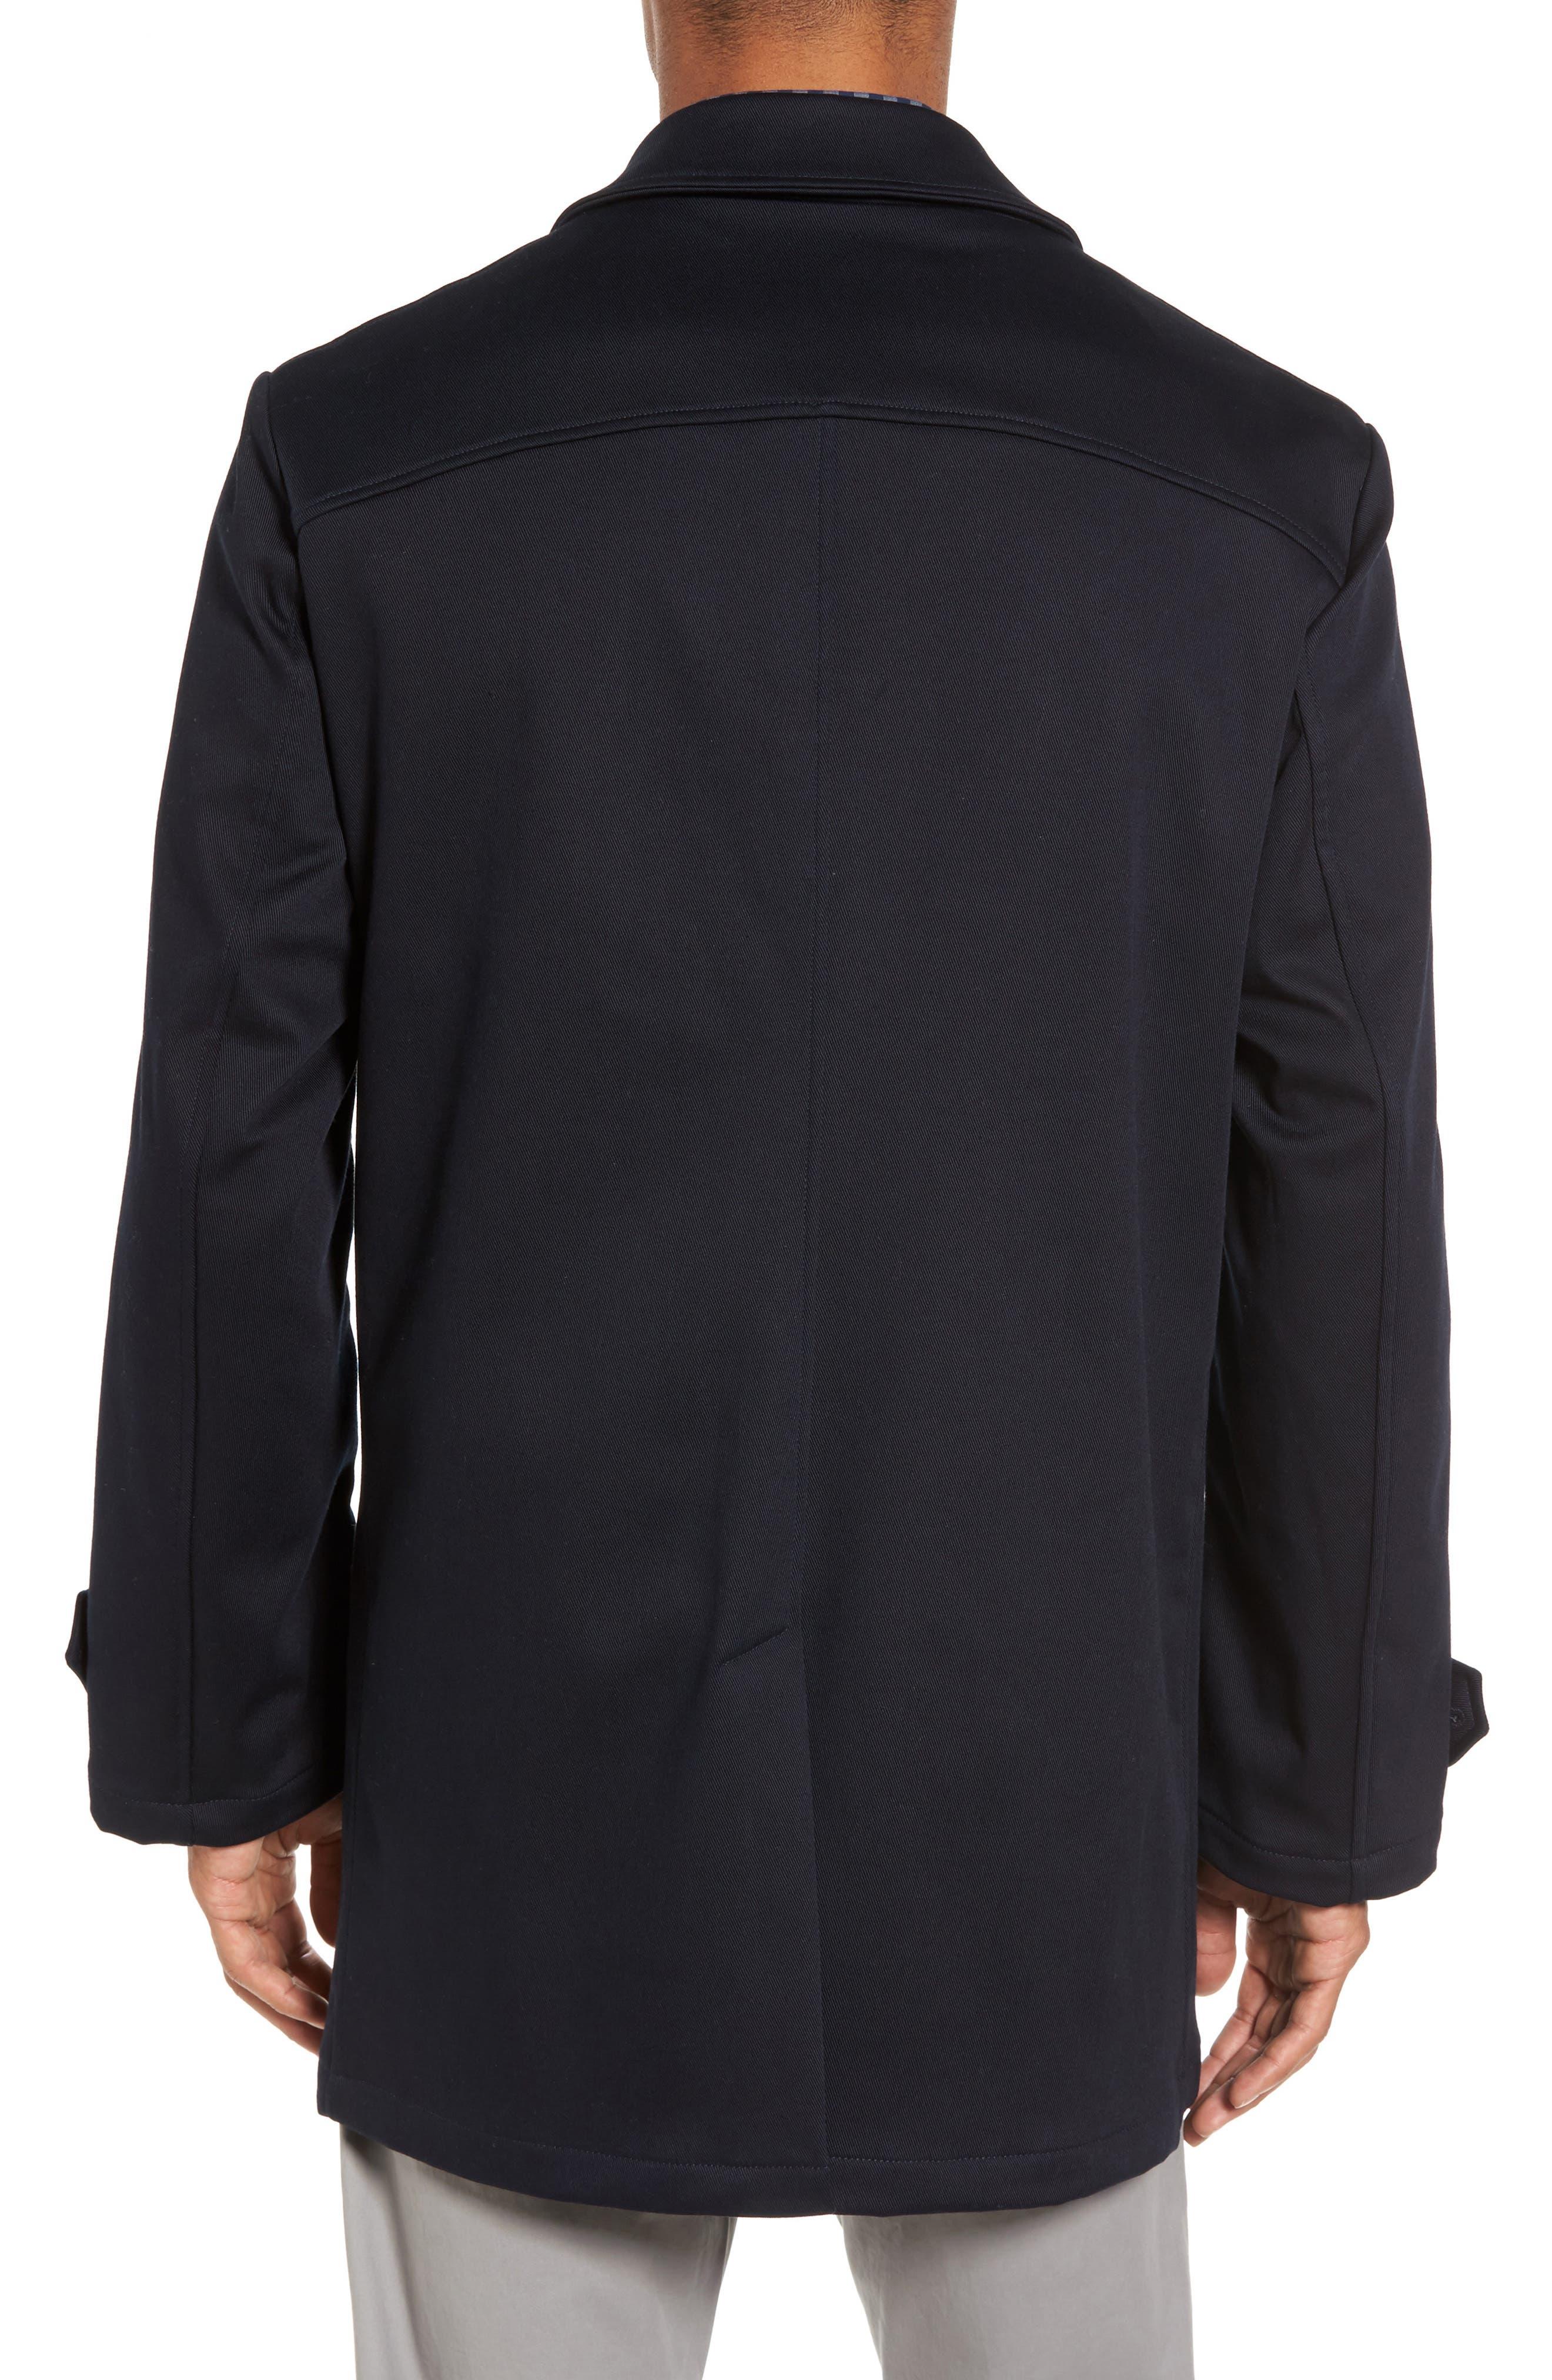 Grayson Stretch Cotton Blend Car Coat,                             Alternate thumbnail 2, color,